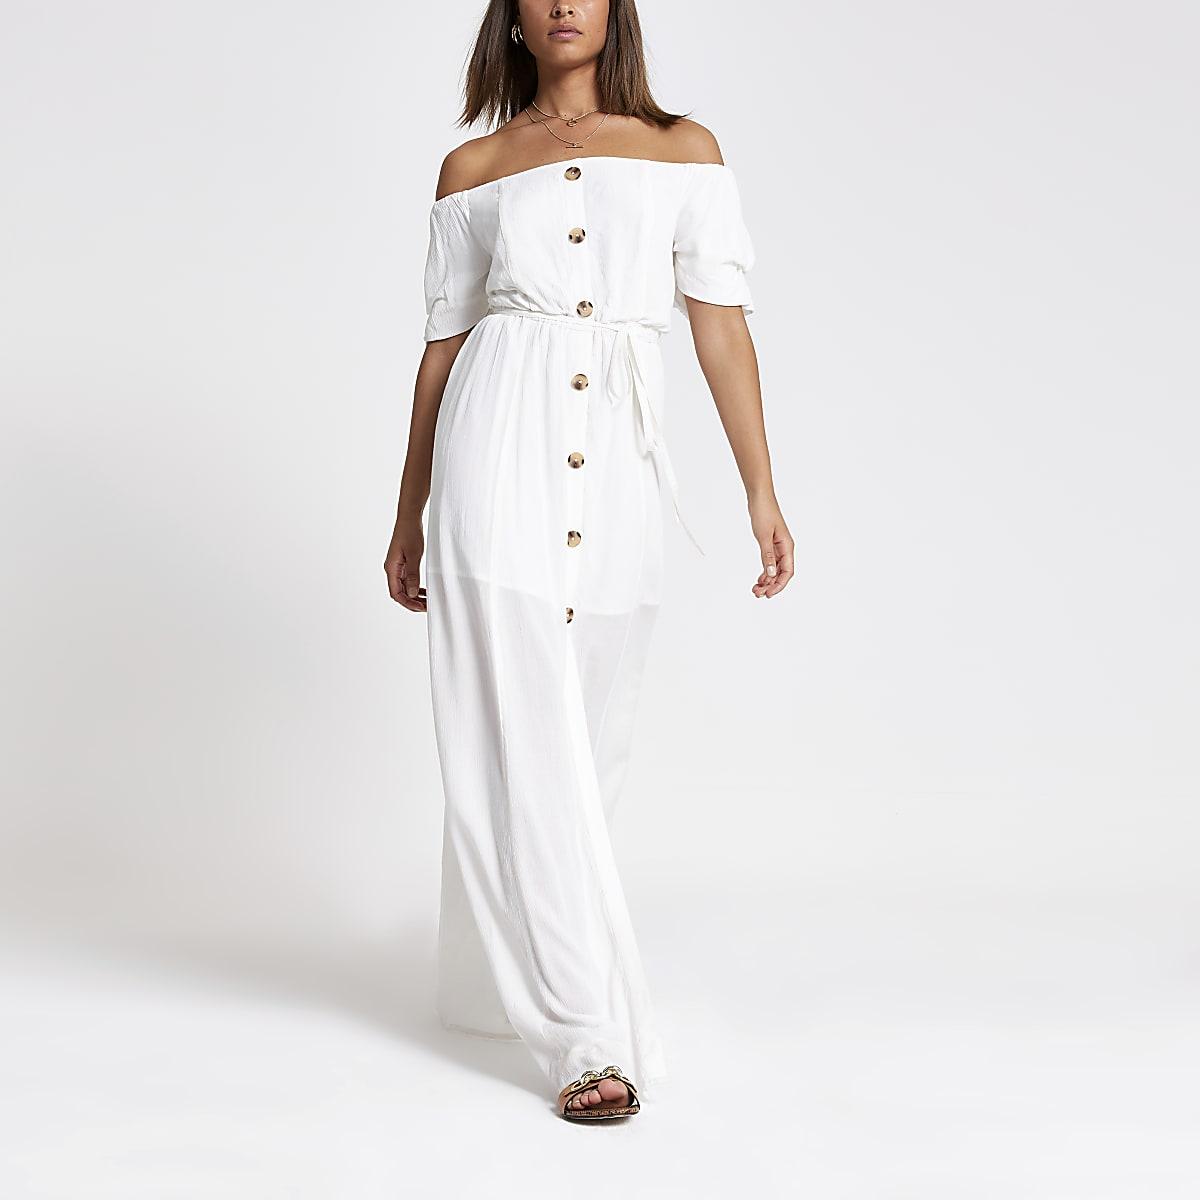 chaussures de séparation sélectionner pour dernier acheter White bardot frill button front maxi dress